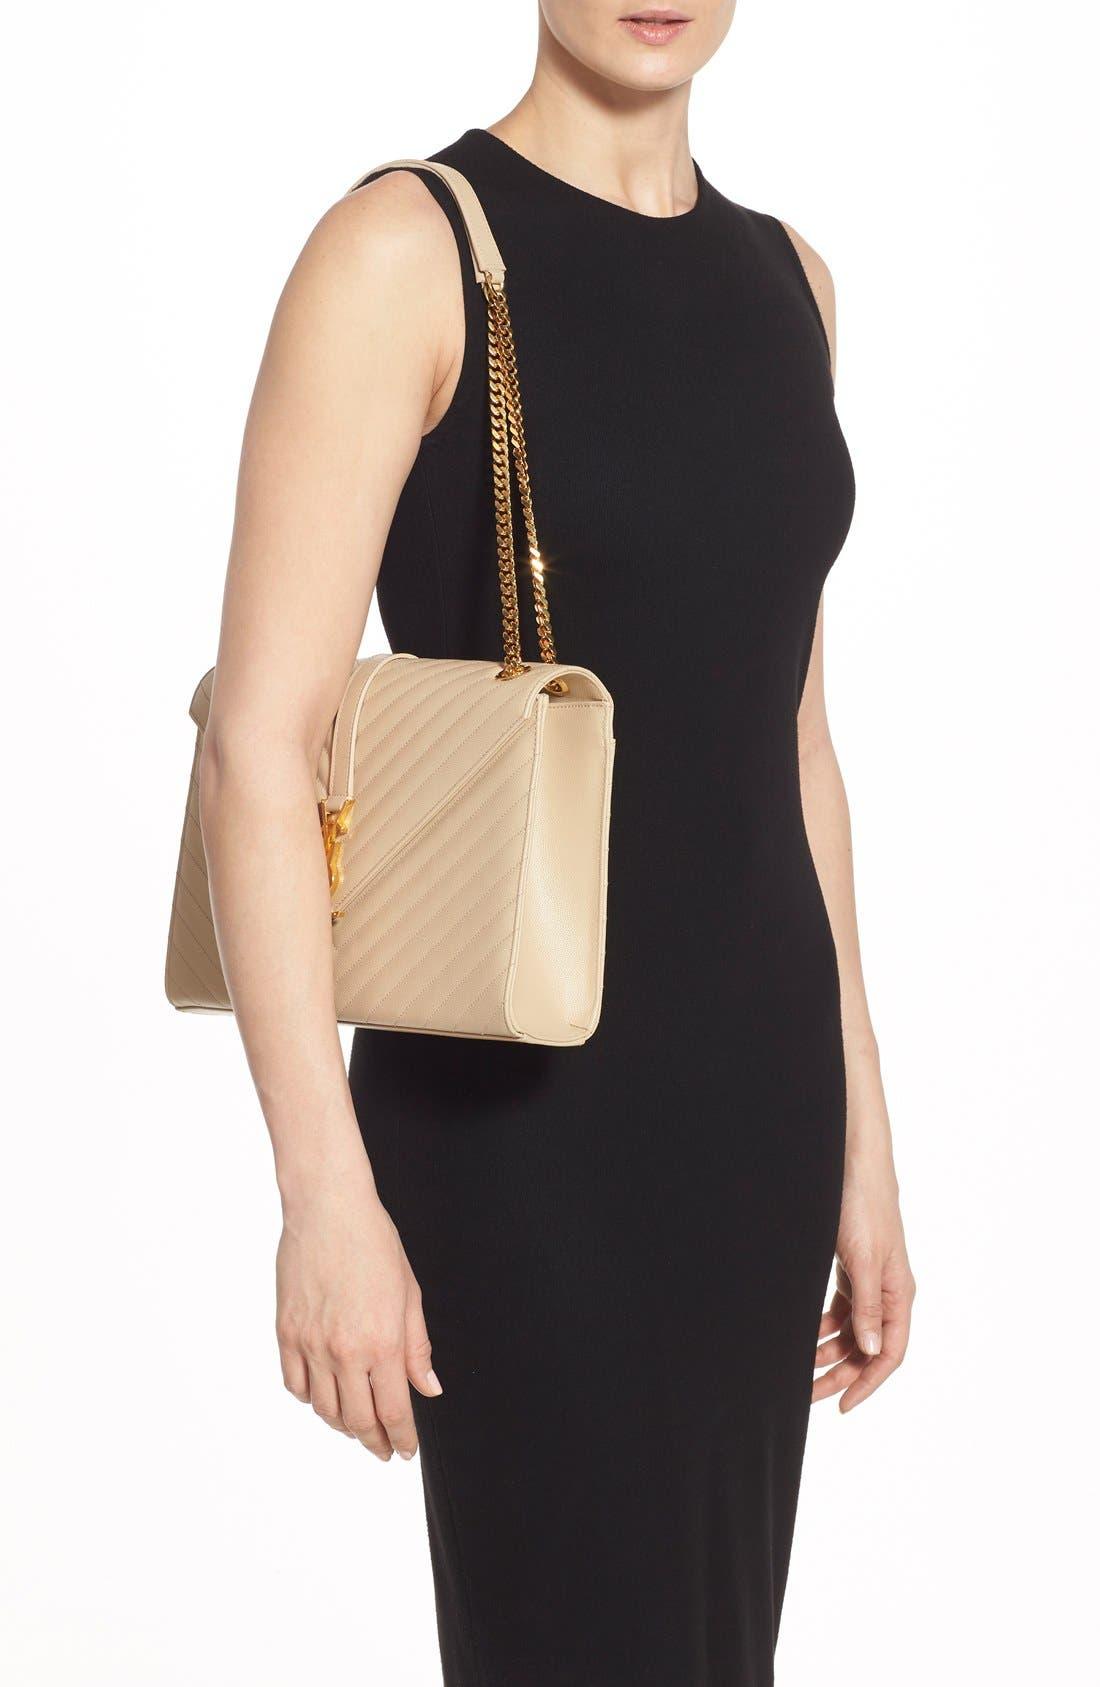 SAINT LAURENT, 'Large Monogram' Grained Leather Shoulder Bag, Alternate thumbnail 2, color, 251